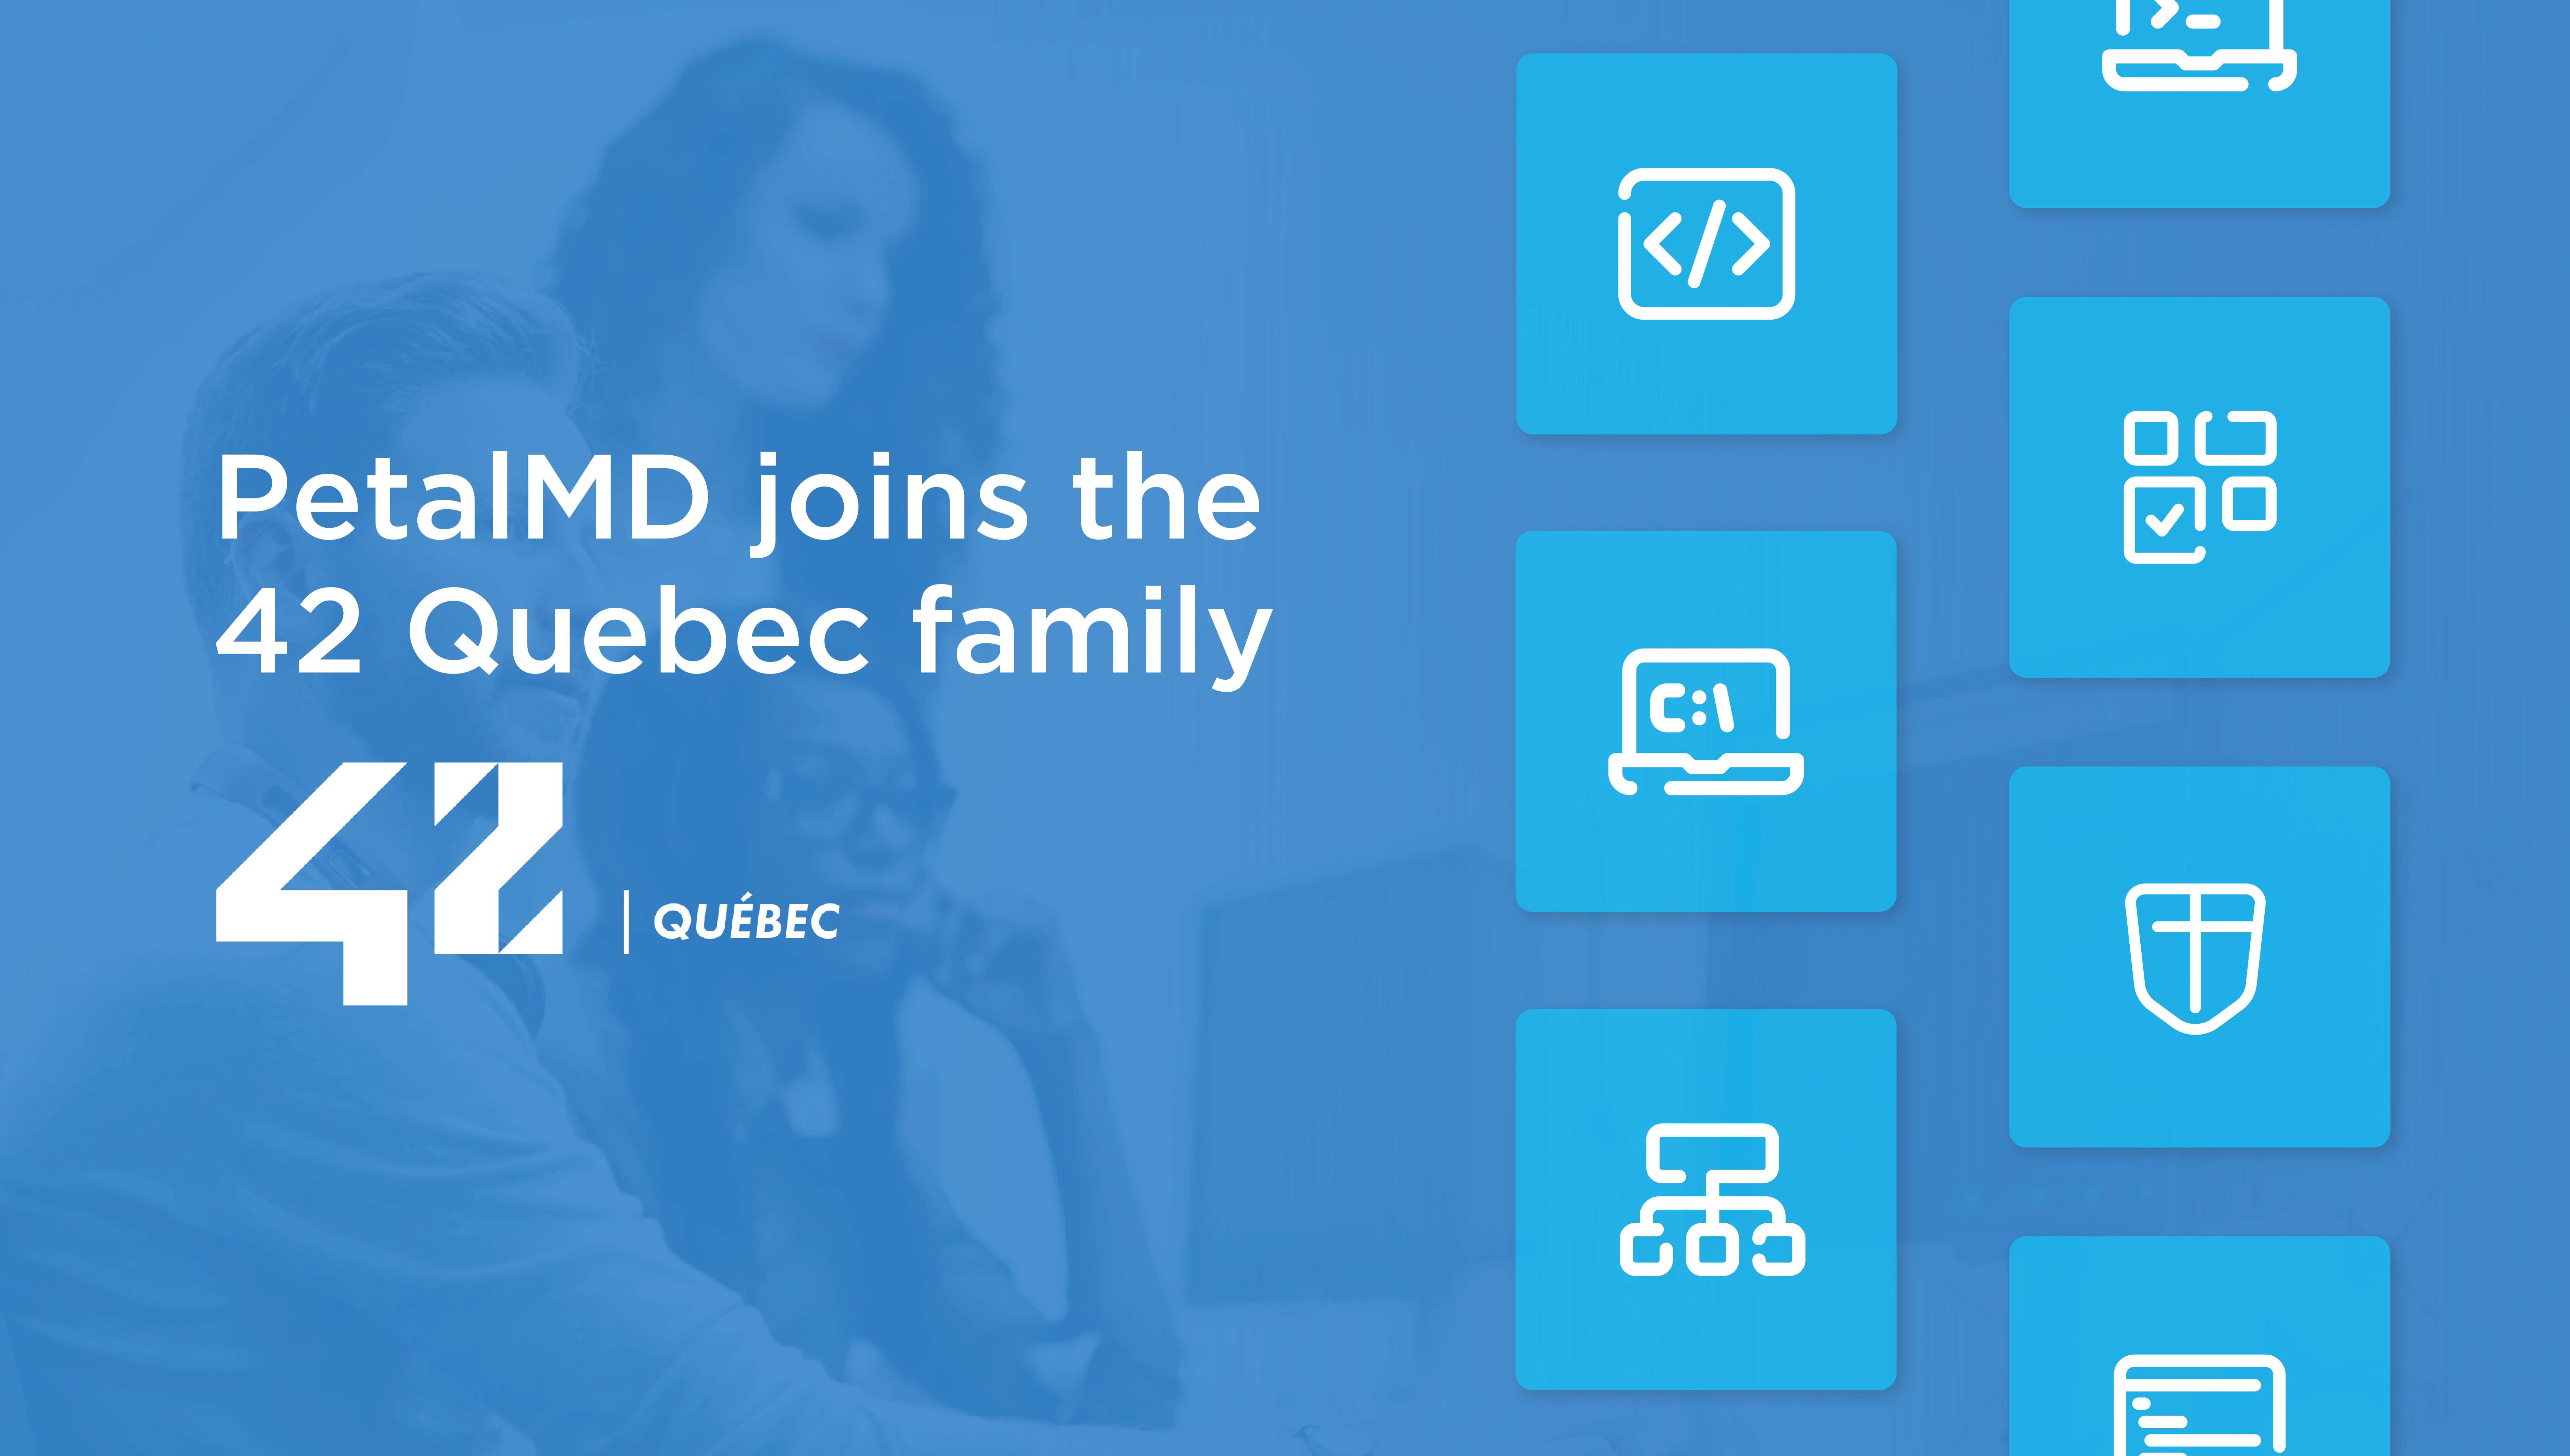 Partnership 42 Quebec and PetalMD